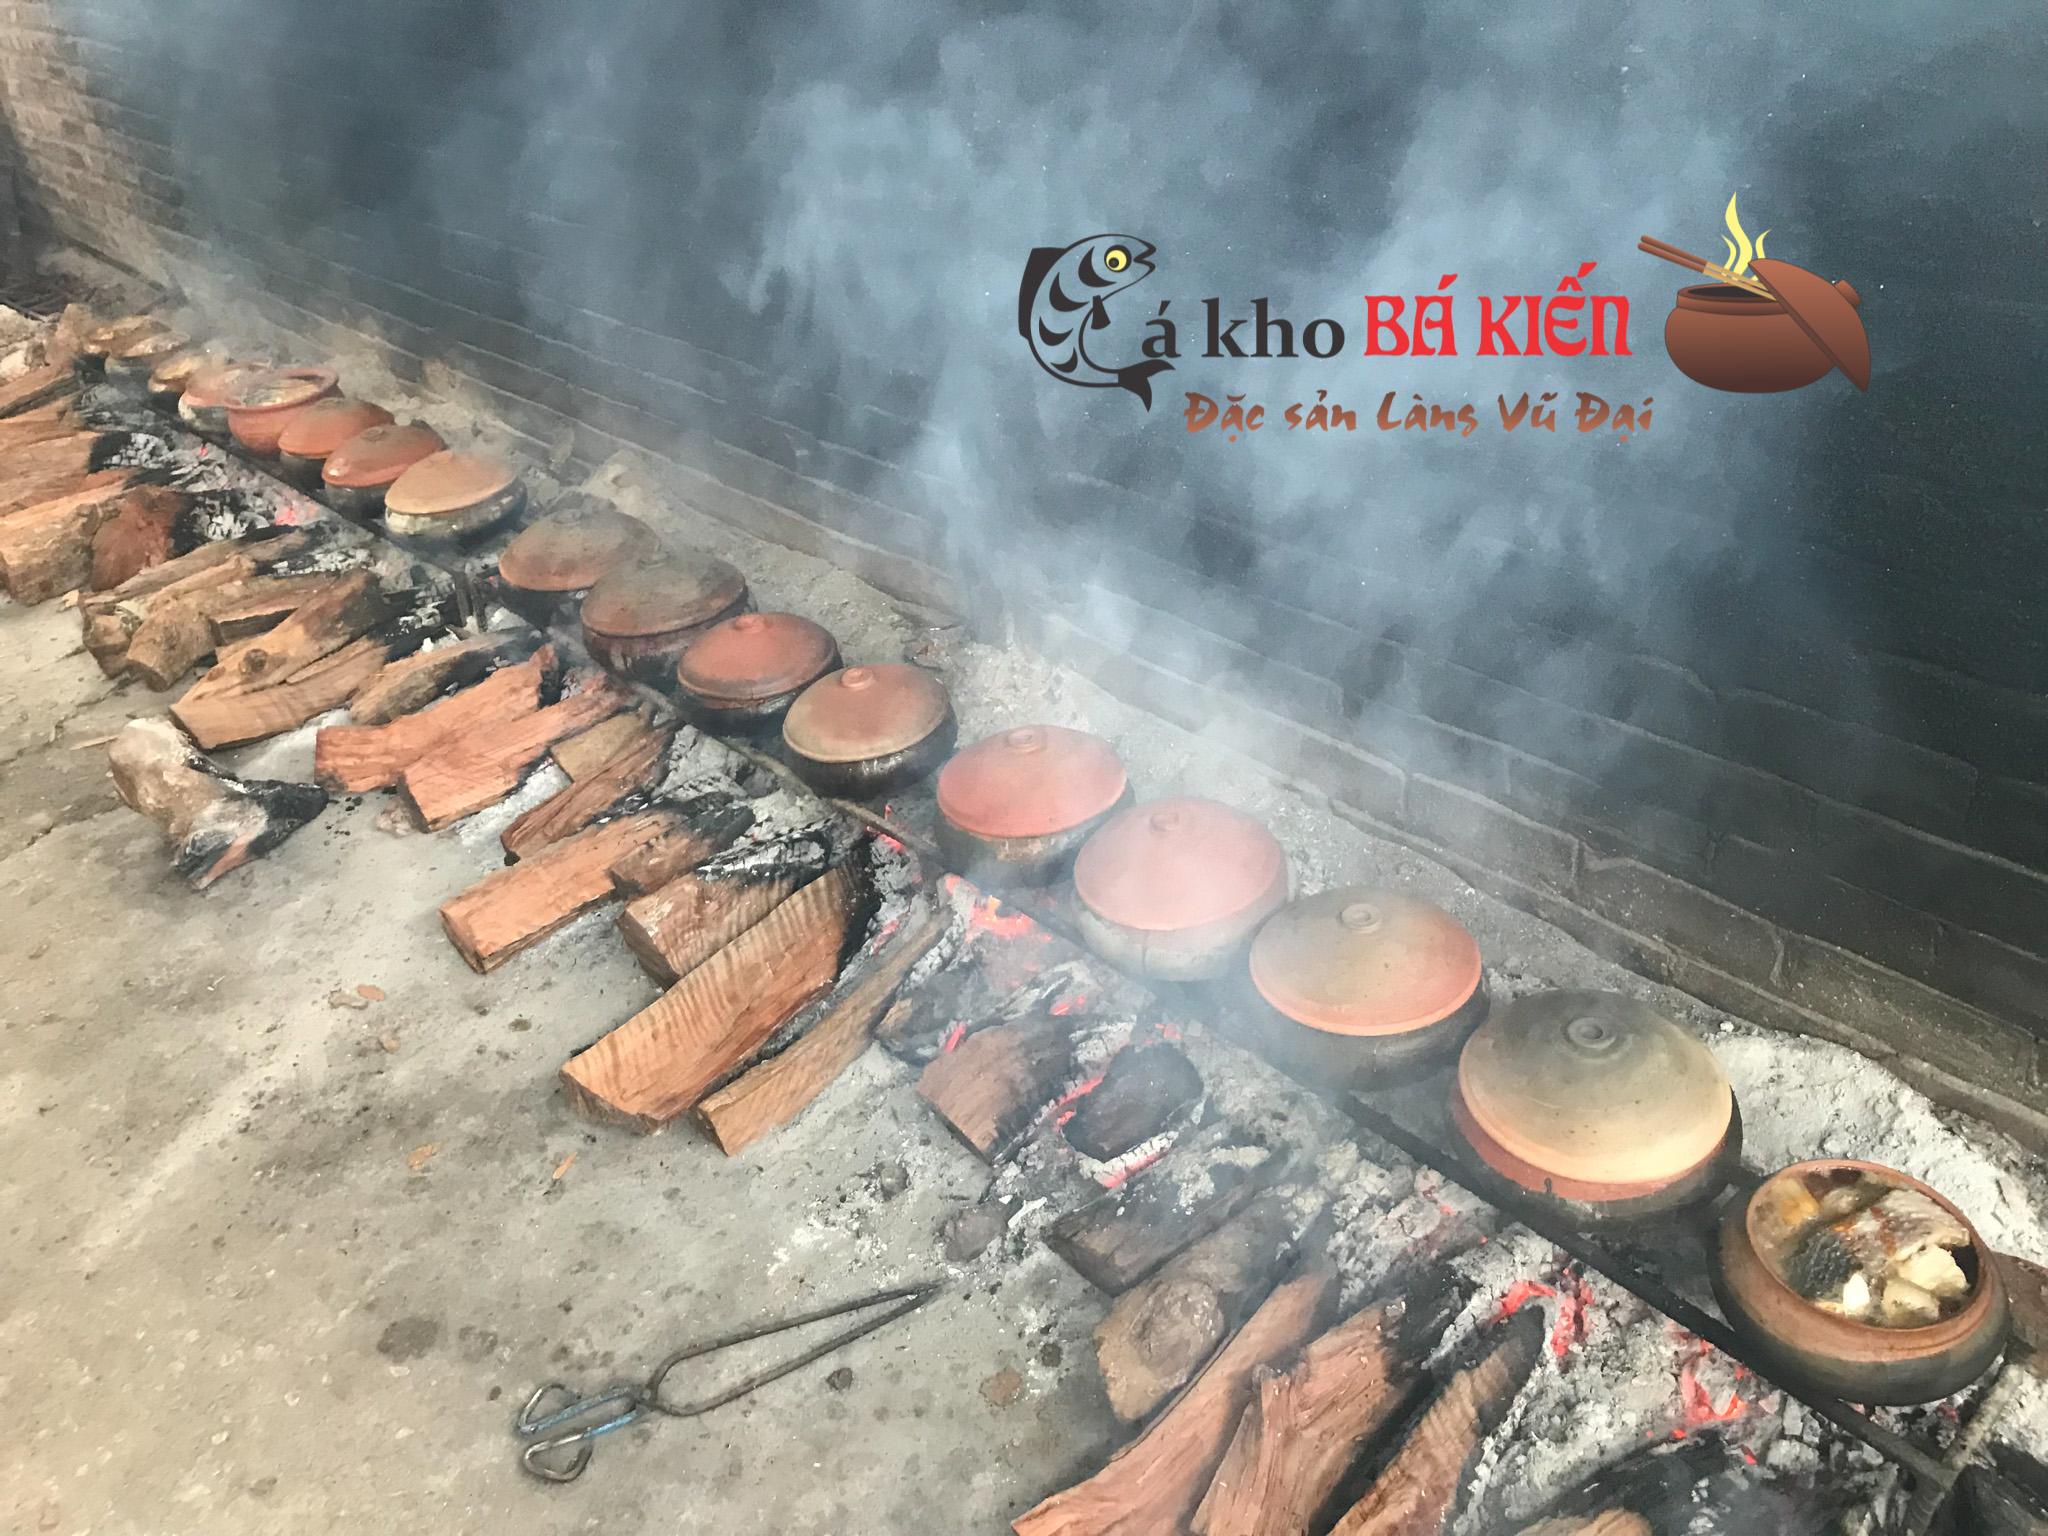 Hàng trăm niêu cá kho làng Vũ Đại đang trên bếp lửa hồng suốt 16h đồng hồ liên tục